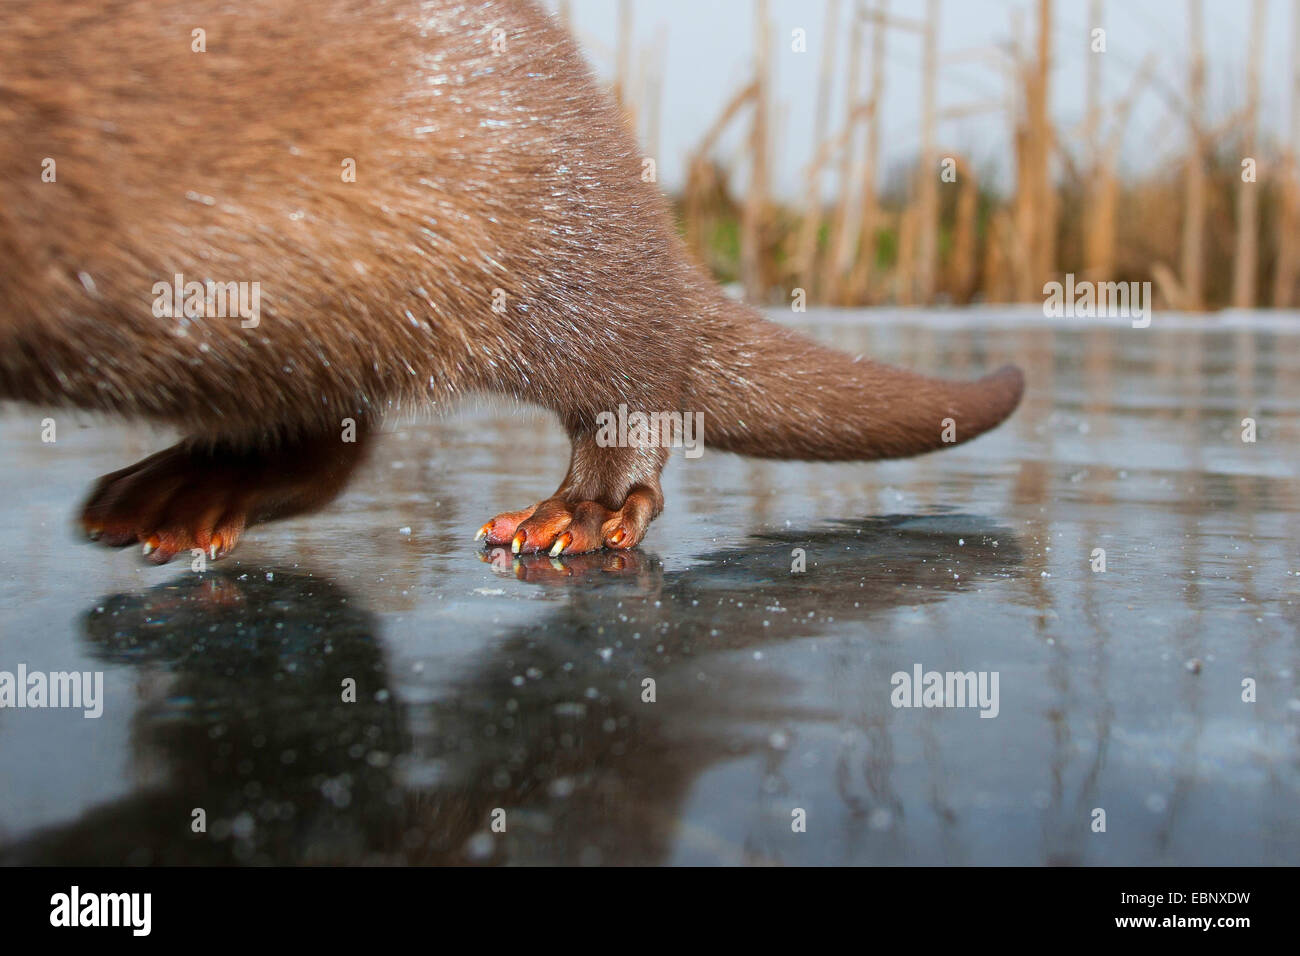 Unione Lontra di fiume, Lontra europea, lontra (Lutra lutra), le zampe posteriori su un congelati della lastra di Immagini Stock